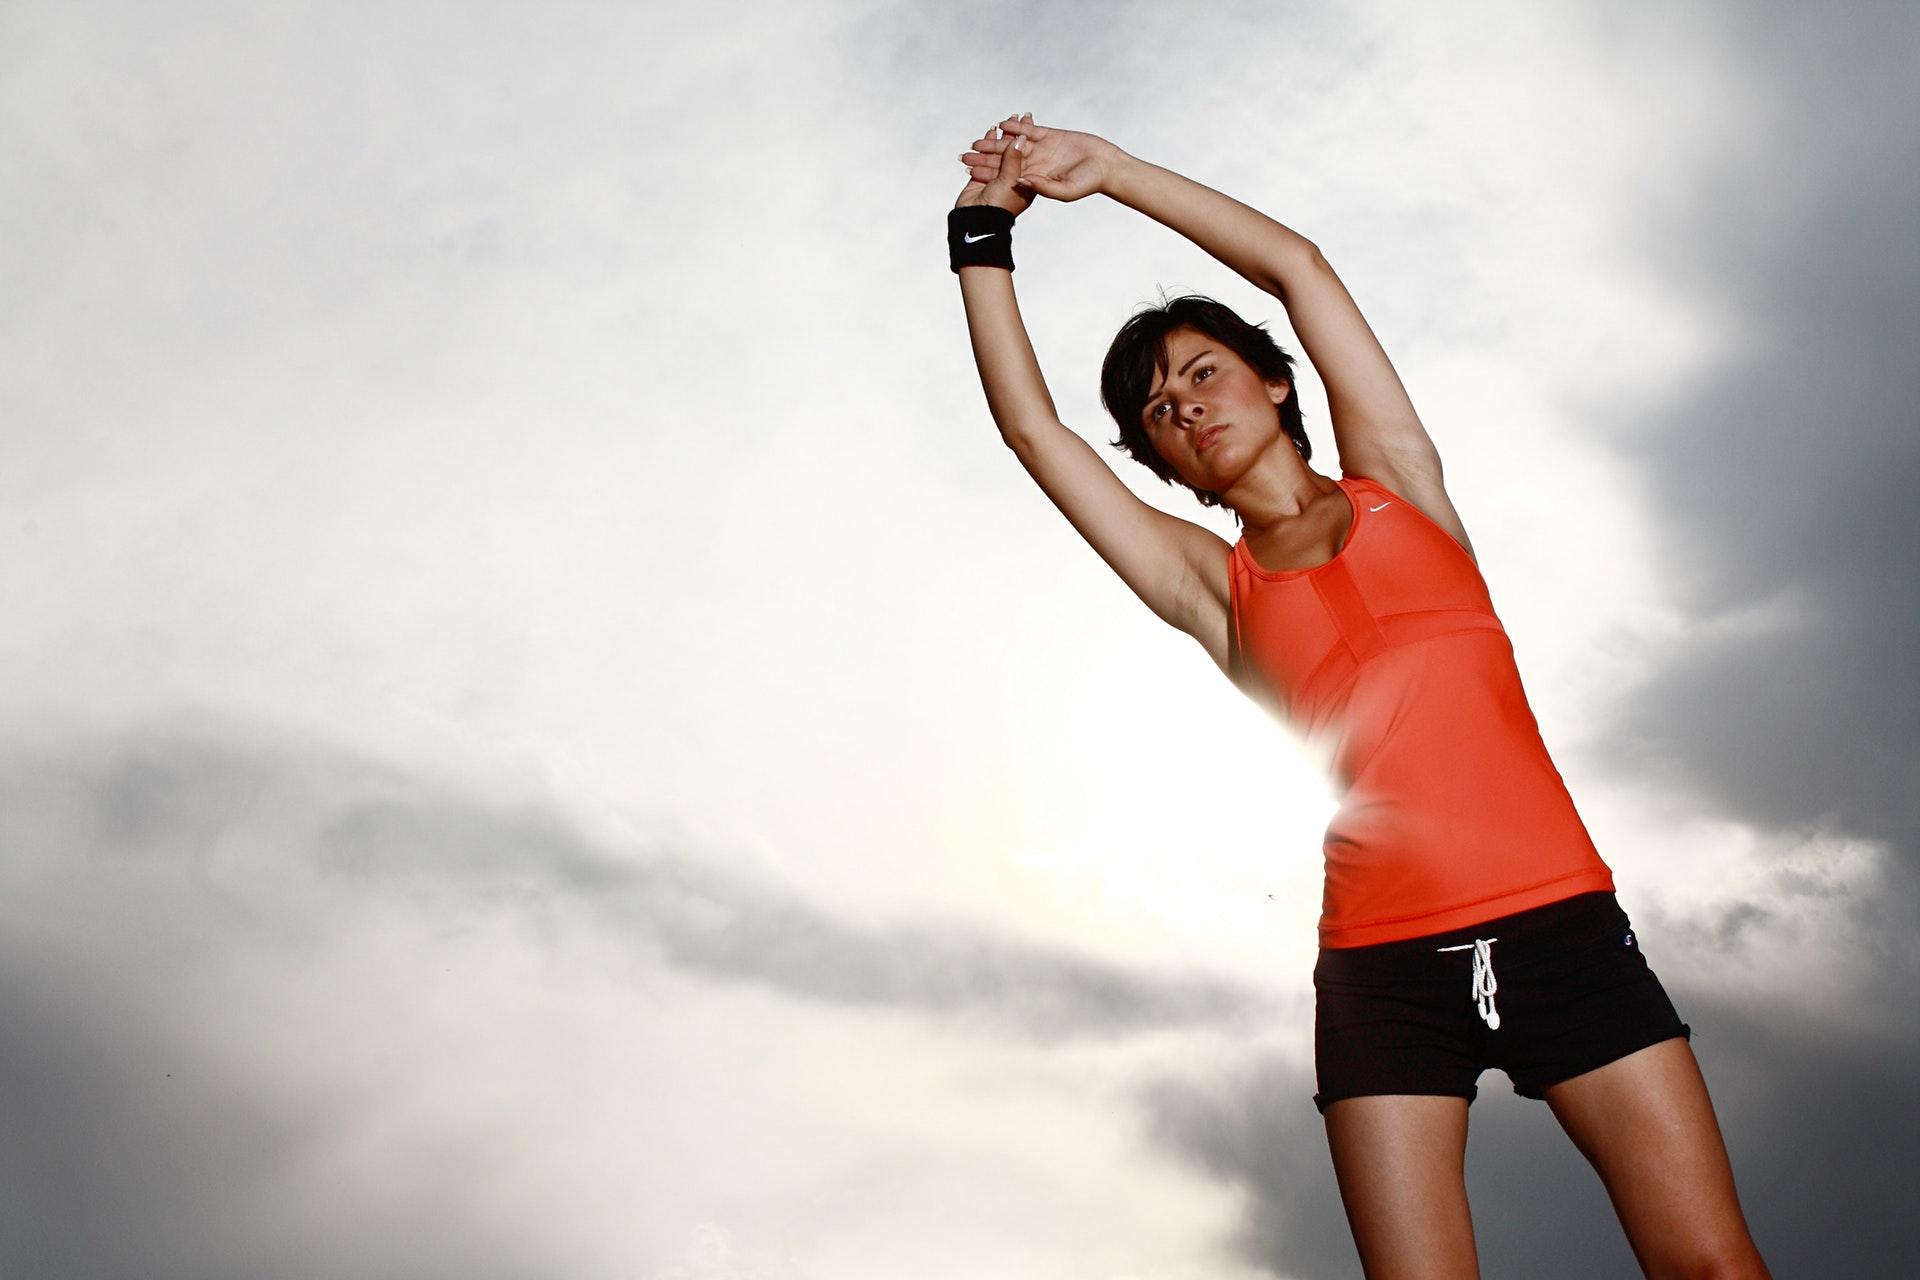 ¿Cómo ayuda la actividad física a prevenir el cáncer?